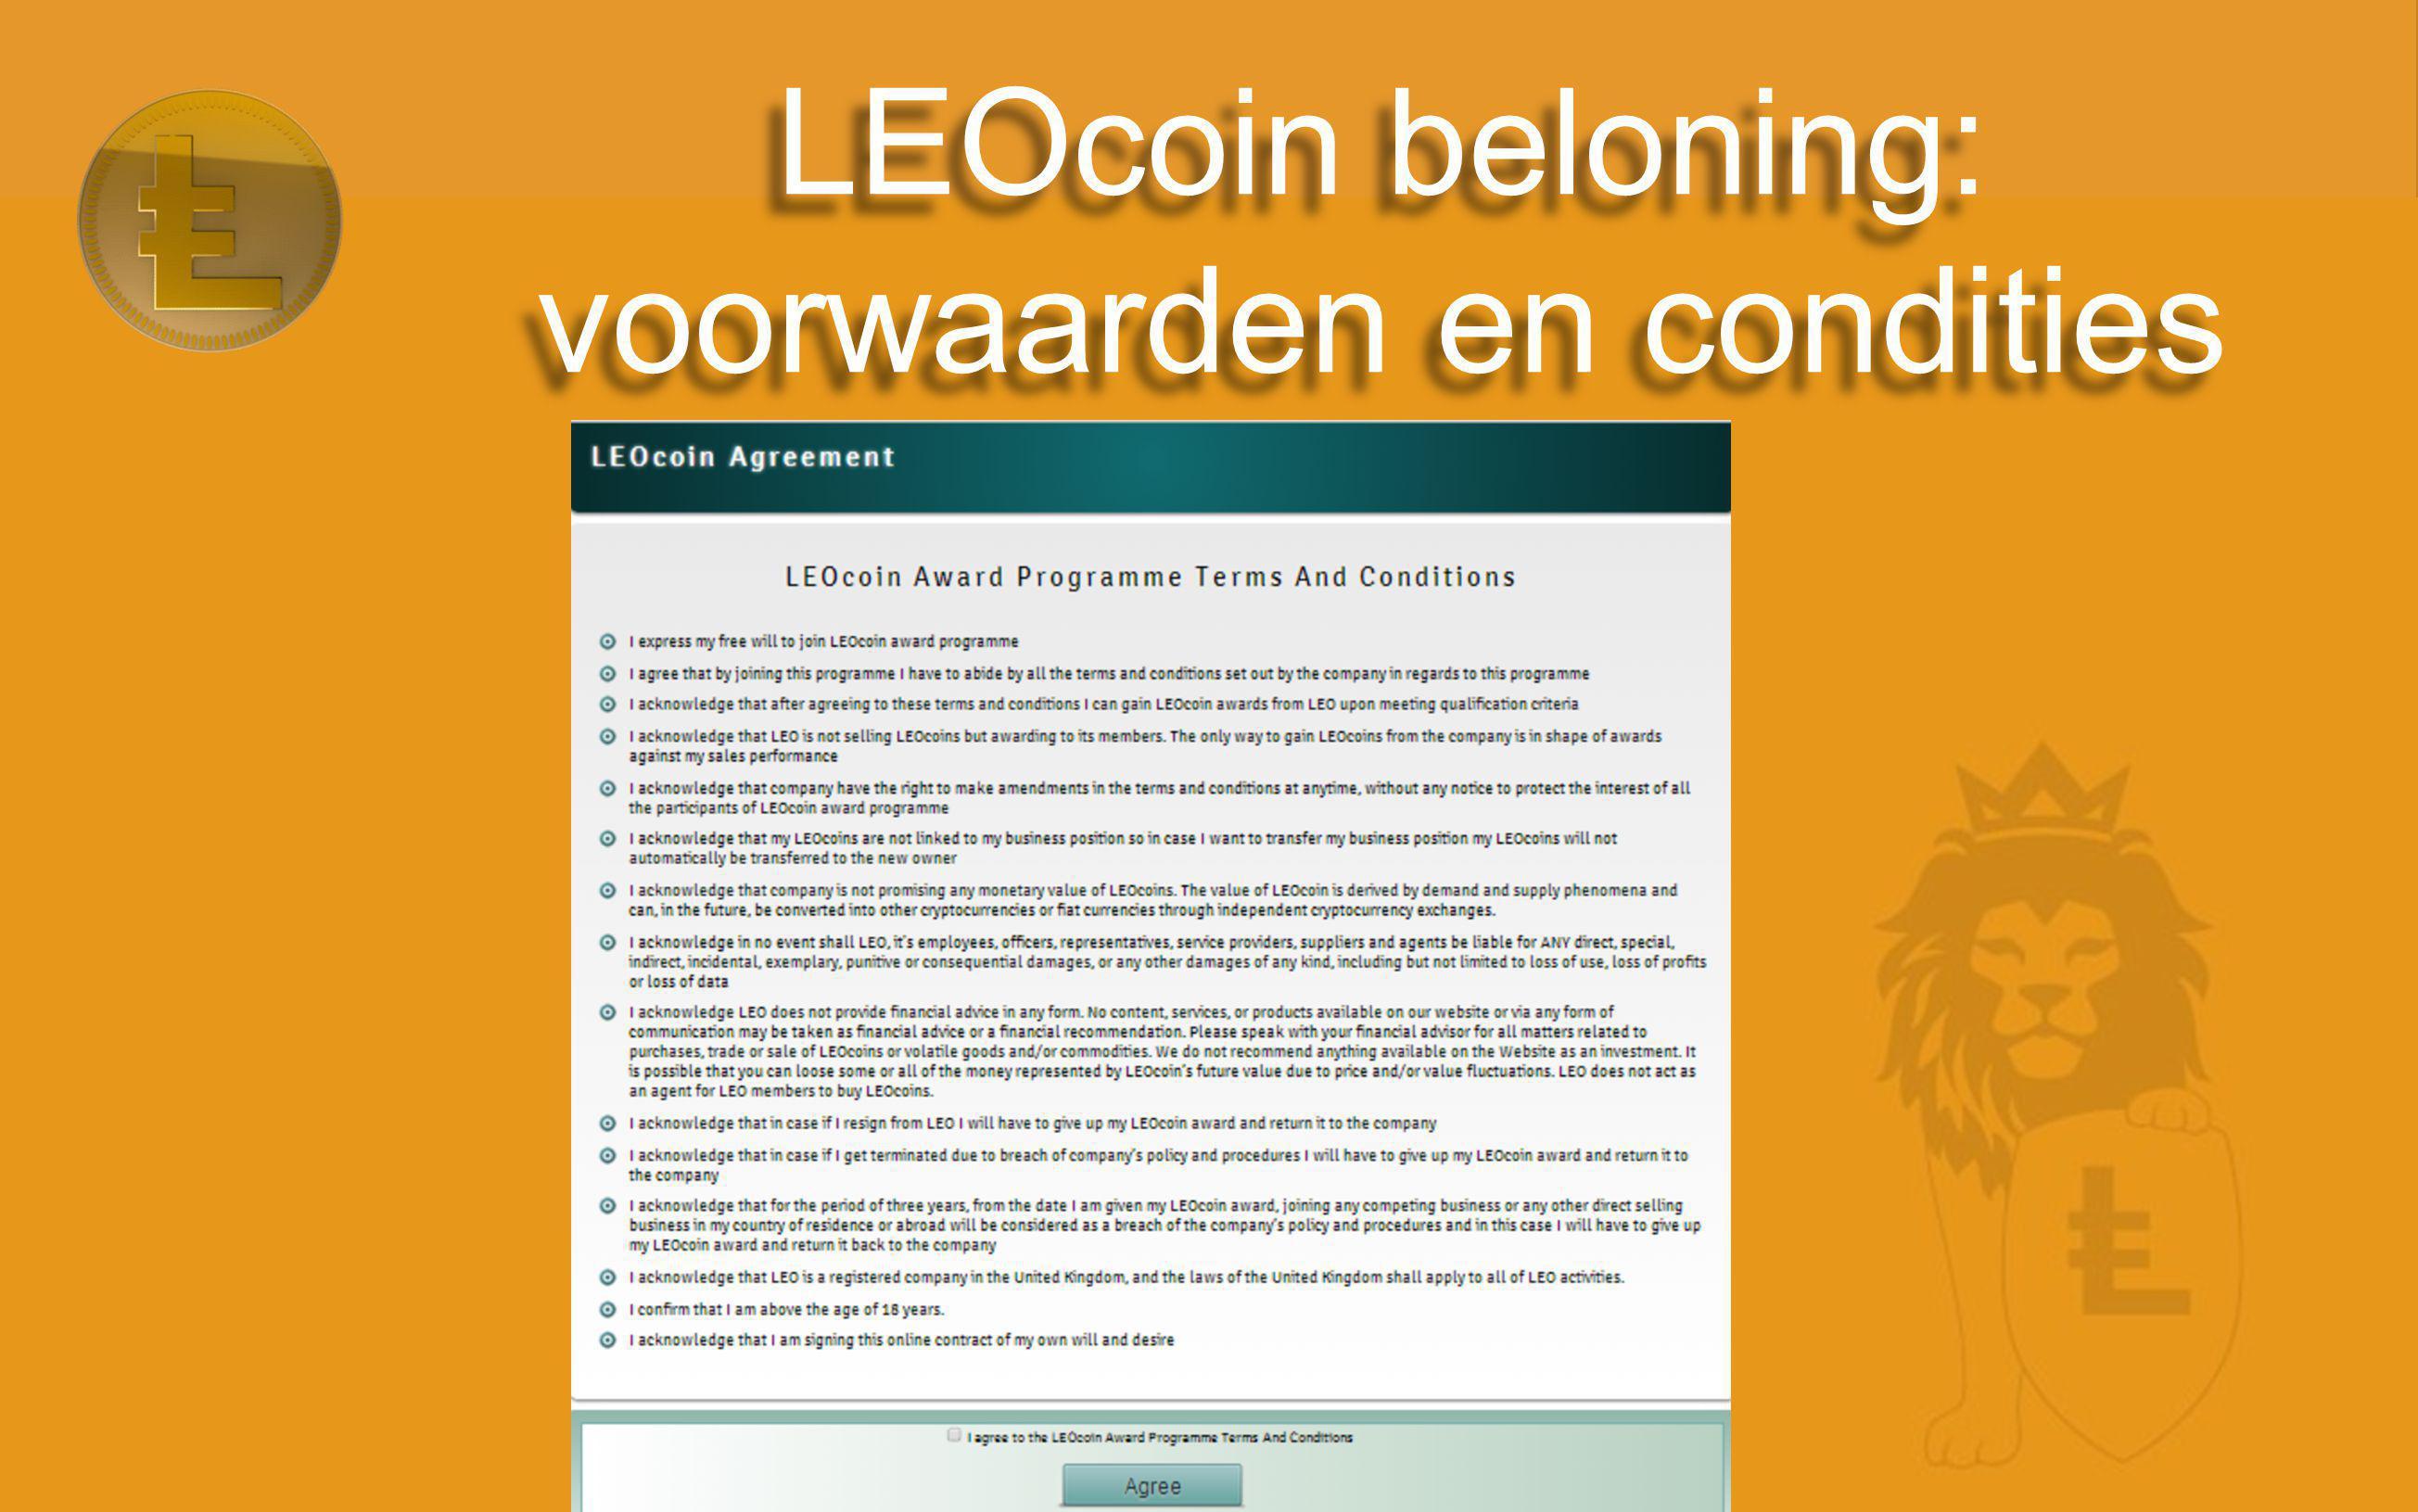 LEOcoin beloning: voorwaarden en condities